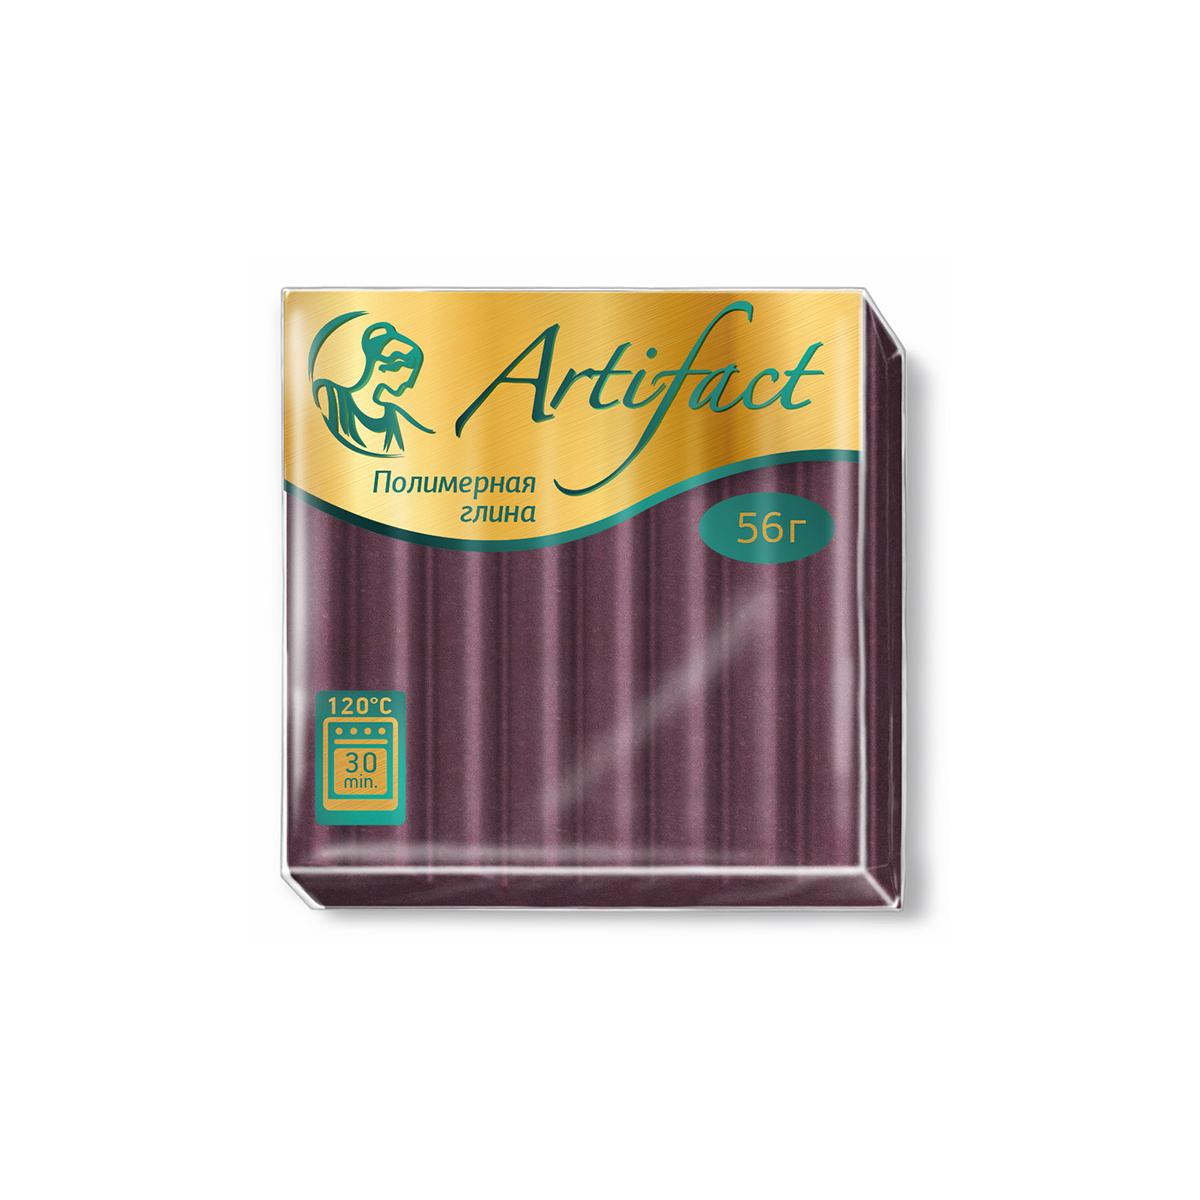 Полимерная глина Артефакт, классическая, цвет: шоколад, 56 г брошь лабрадор полимерная глина